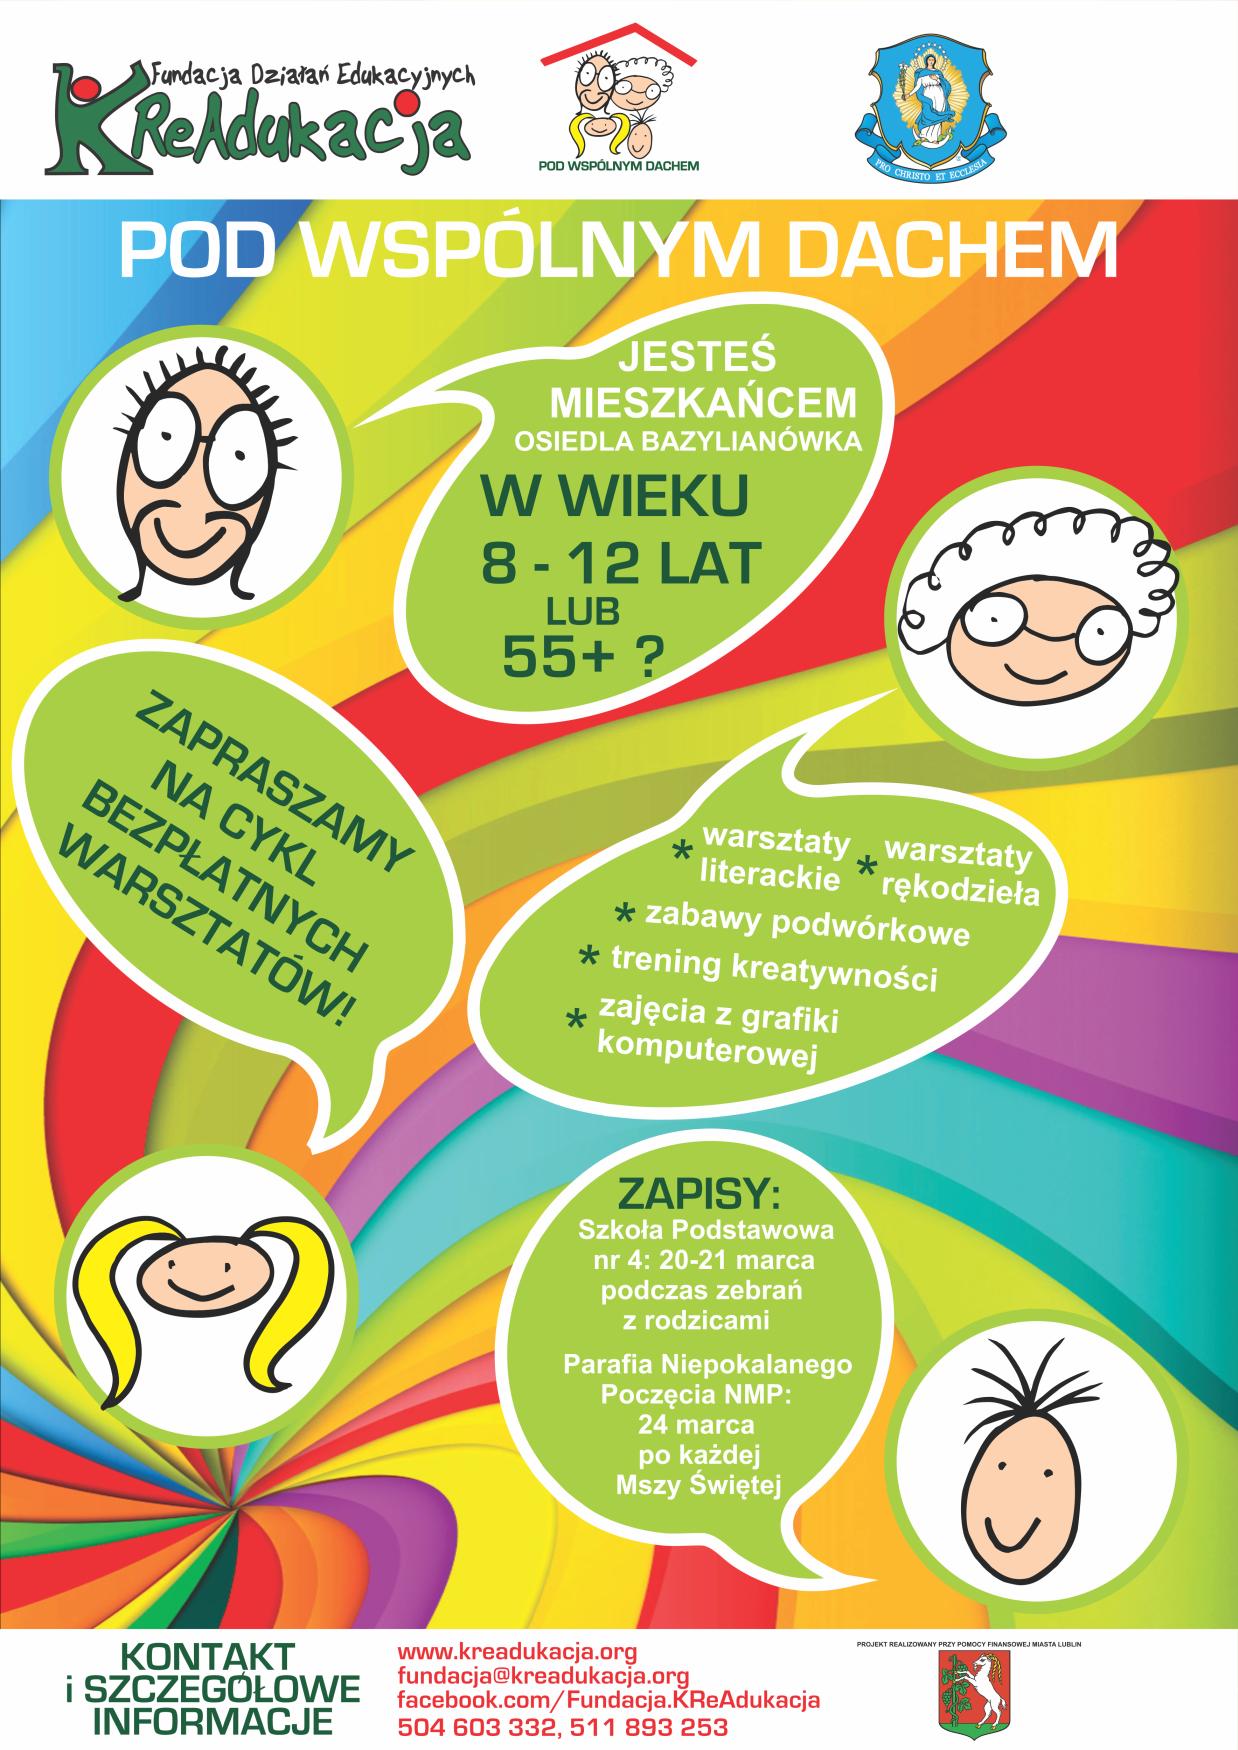 Pod Wspólnym Dachem, projekt międzypokoleniowy, Creative Commons, osiedle Bazylianówka w Lublinie, 30 dzieci w wieku 8 - 12 lat oraz 10 seniorów w wieku 55+,plakat rekrutacyjny, plakat informujący o wystawie prac, prace graficzne stworzone przez dzieci i seniorów zostaną utrwalone w formie internetowego albumu, który będzie dostępny bezpłatnie, publikacja on-line albumu internetowego, utwór jest dostępny na licencji Creative Commons Uznanie autorstwa-Użycie niekomercyjne 4.0 Międzynarodowe, przedstawiamy galerię zdjęć z zajęć, zajęcia prowadzone będą przez doświadczonych animatorów Fundacji KReAdukacja, głównym celem naszego projektu jest zapewnienie mieszkańcom osiedla Bazylianówka i okolic dostępu do atrakcyjnych i darmowych zajęć kulturalno-edukacyjnych. , Lublin 2013, Miasto Lublin, Parafia Niepokalanego Poczęcia NMP w Lublinie, głównym celem jest wyrównywanie różnic w dostępie do zajęć kulturalno-edukacyjnych wśród mieszkańców osiedla Bazylianówka., ykl bezpłatnych zajęć, bezpłatne warsztaty, dla dzieci, dla rodziców, dla senorów, działania kulturalne, warsztaty literackie, warsztaty rękodzieła, zabawy podwórkowe, trening kreatywności, zajęcia z grafiki komputerowej, wystawa podsumowująca projekt w Kościele, internetowy album prac uczestników, Miejsce Odkrywania Talentów, Minister Edukacji Narodowej , MEN, tytuł nadany przez Minister Edukacji Narodowej Katarzynę Hall, Fundacji Działań Edukacyjnych KReAdukacja, Fundacja Działań Edukacyjnych KReAdukacja, organizacja pozarządowa, głównym celem jest kształtowanie i wspieranie rozwoju osób wrażliwych, aktywnych, kreatywnych i odpowiedzialnych, organizujemy i prowadziy warsztaty edukacyjne, projekty edukacyjne, projekty kulturalne, projekty z młodzieżą, szkolenia i warsztaty dla nauczycieli, wizyty studyjne dla studentów ze wschodu, wizyty studyjne STP, wizyty studyjne Study Tours to Poland, edukacja pozaformalna, edukacja nieformalna, wsparcie edukacji szkolnej, integracja różnych grup społecznych, ul. Głęboka 8 A, 